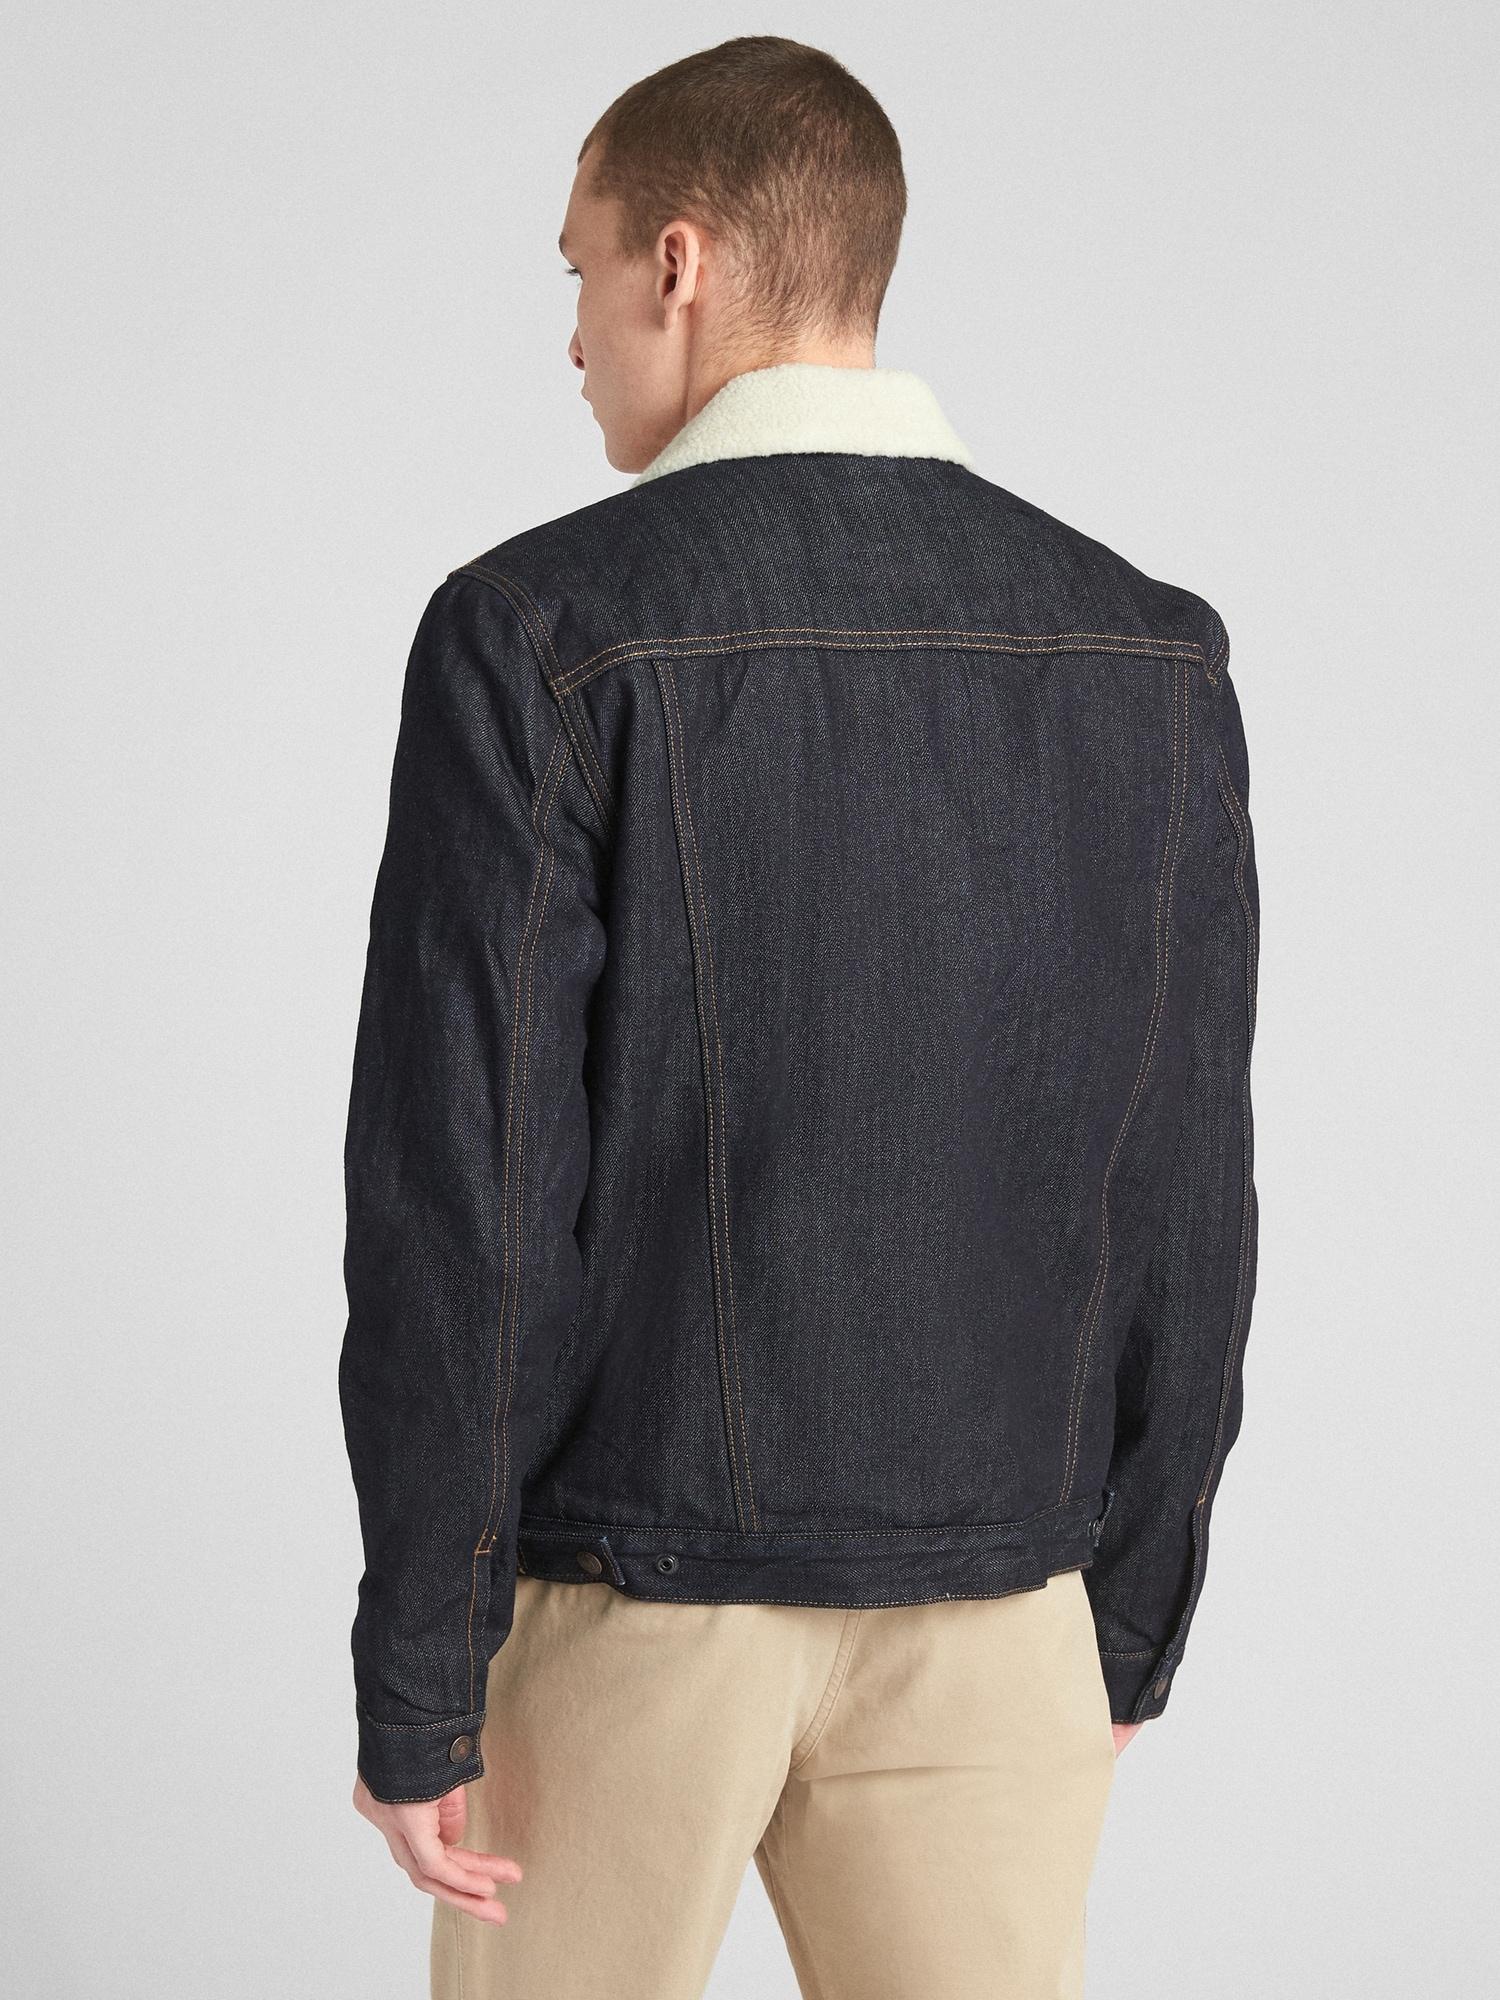 24bfa5b24f62a Sherpa-Lined Icon Denim Jacket